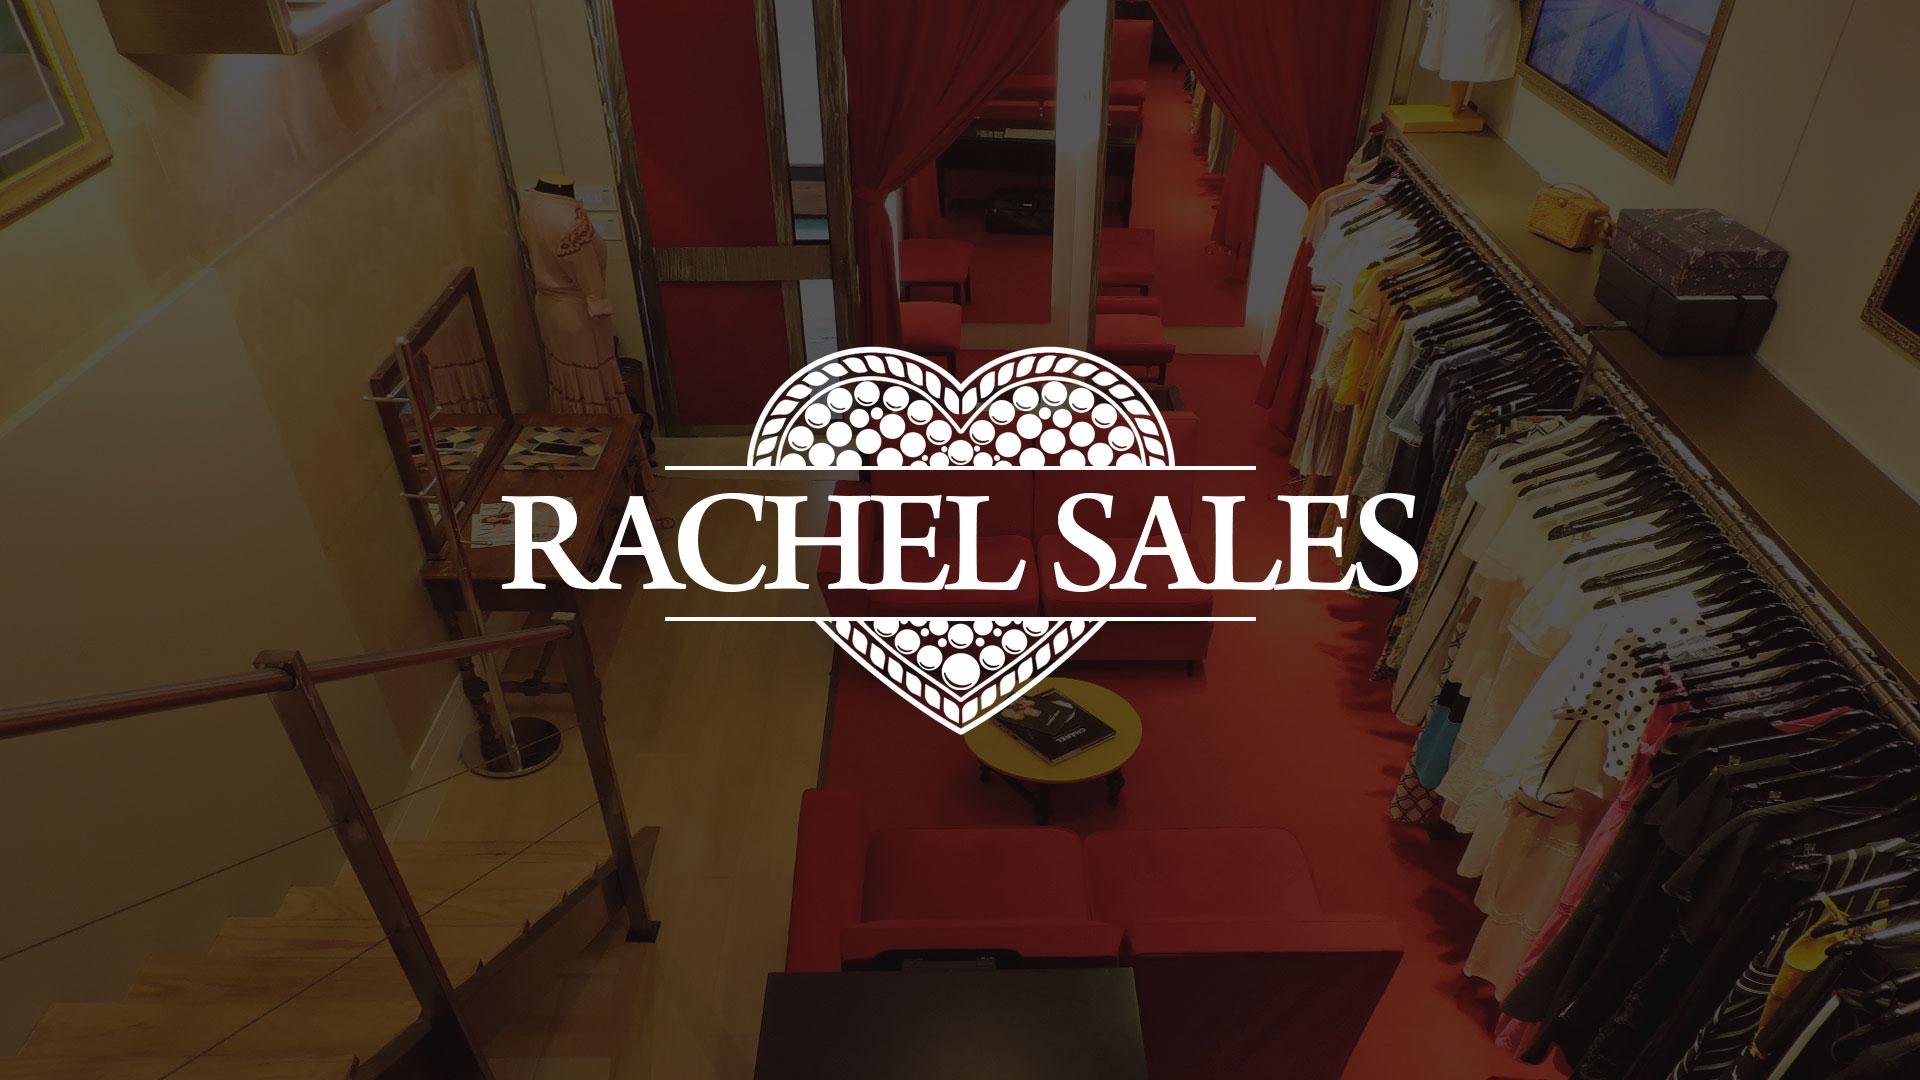 Marca Rachel Sales Boutique - Criação de Marca de Loja Feminina de Luxo - Logotipo Loja de Moda Feminina | Alexsandro Kingmaker